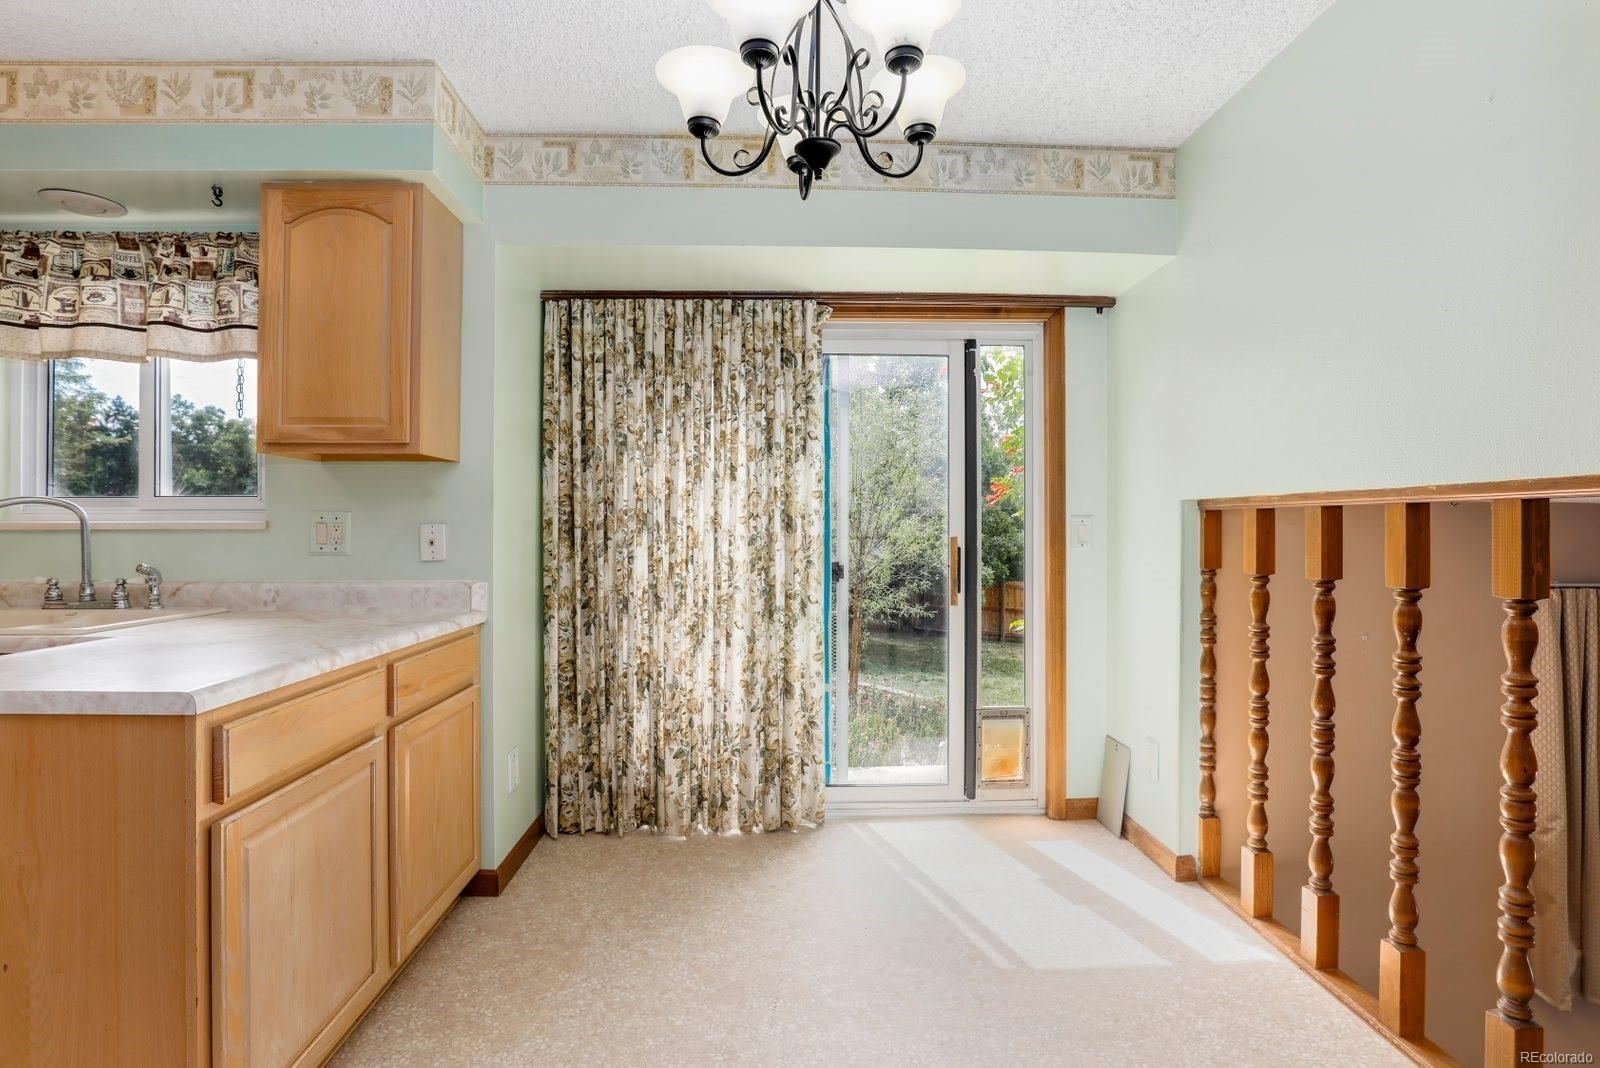 MLS# 9388293 - 11 - 920 Coral Court, Castle Rock, CO 80104